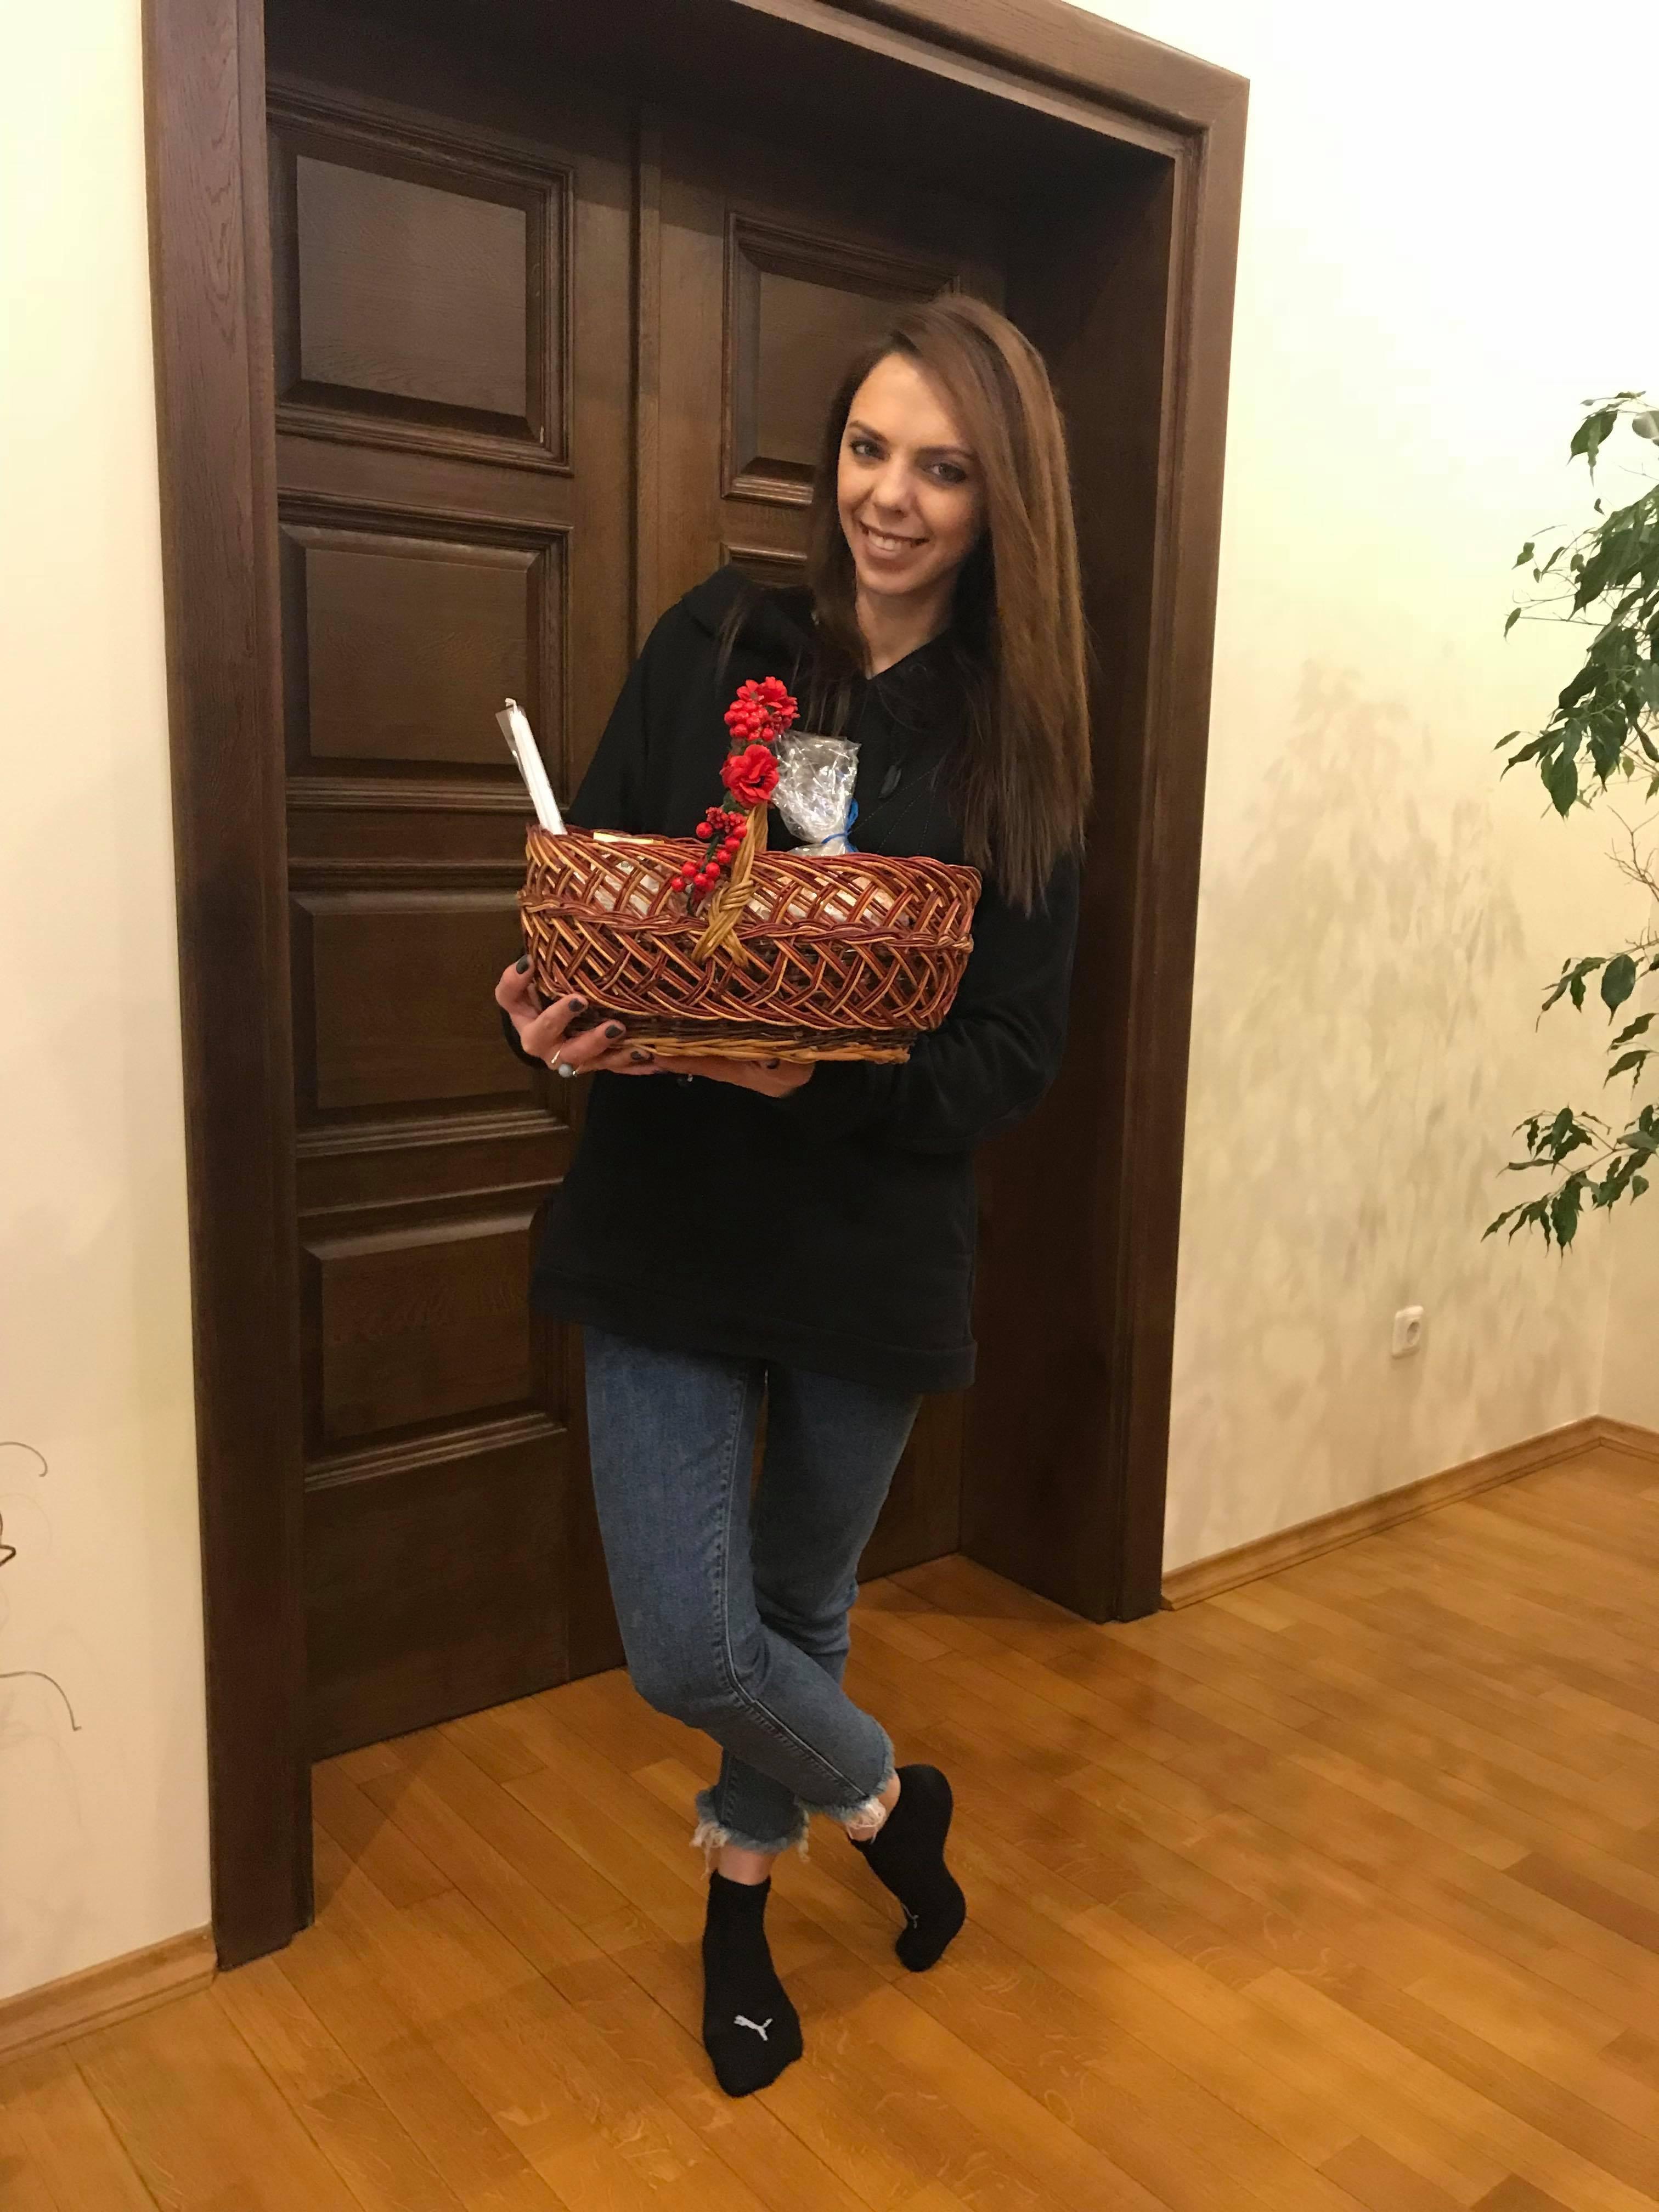 ukrainskie-artisty-rasskazali-kak-gotovyatsya-k-pashe-2018-2